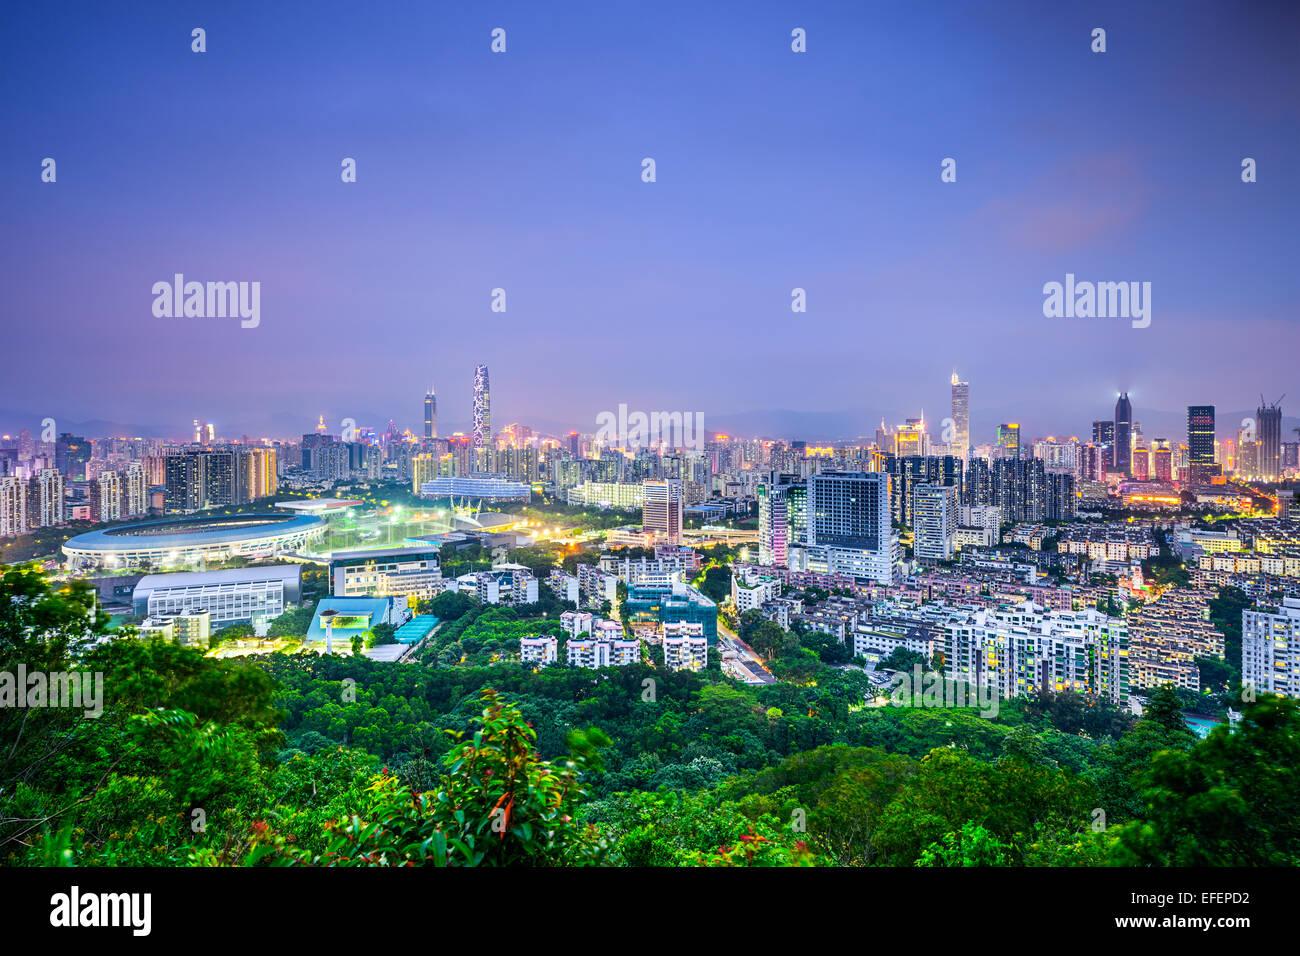 Shenzhen, Chine centre-ville paysage urbain. Photo Stock